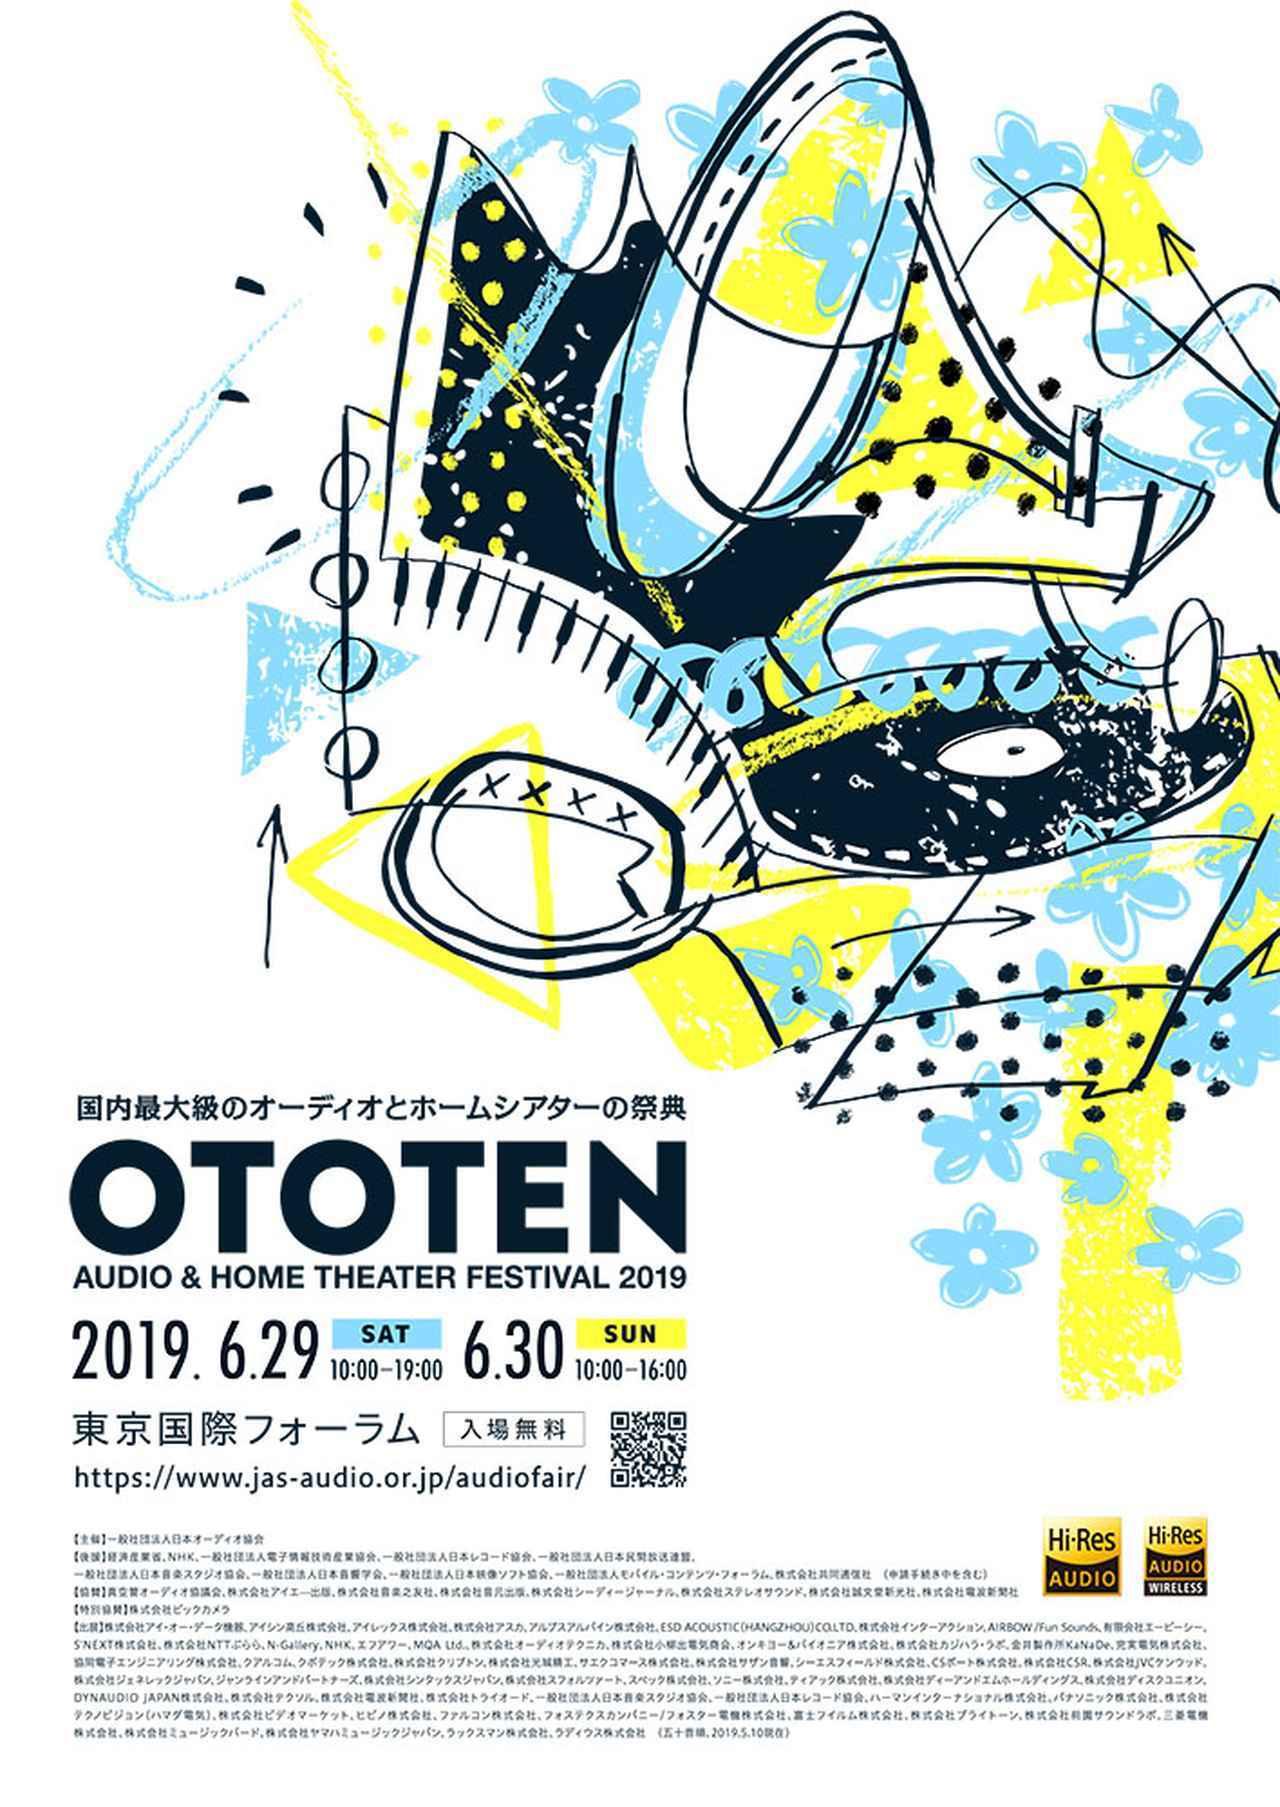 画像1: OTOTEN 2019の事前登録受付がスタート。各社のセミナー詳細も、ホームページで紹介されているのでぜひチェックを! 6月29日〜30日に東京国際フォーラムで開催